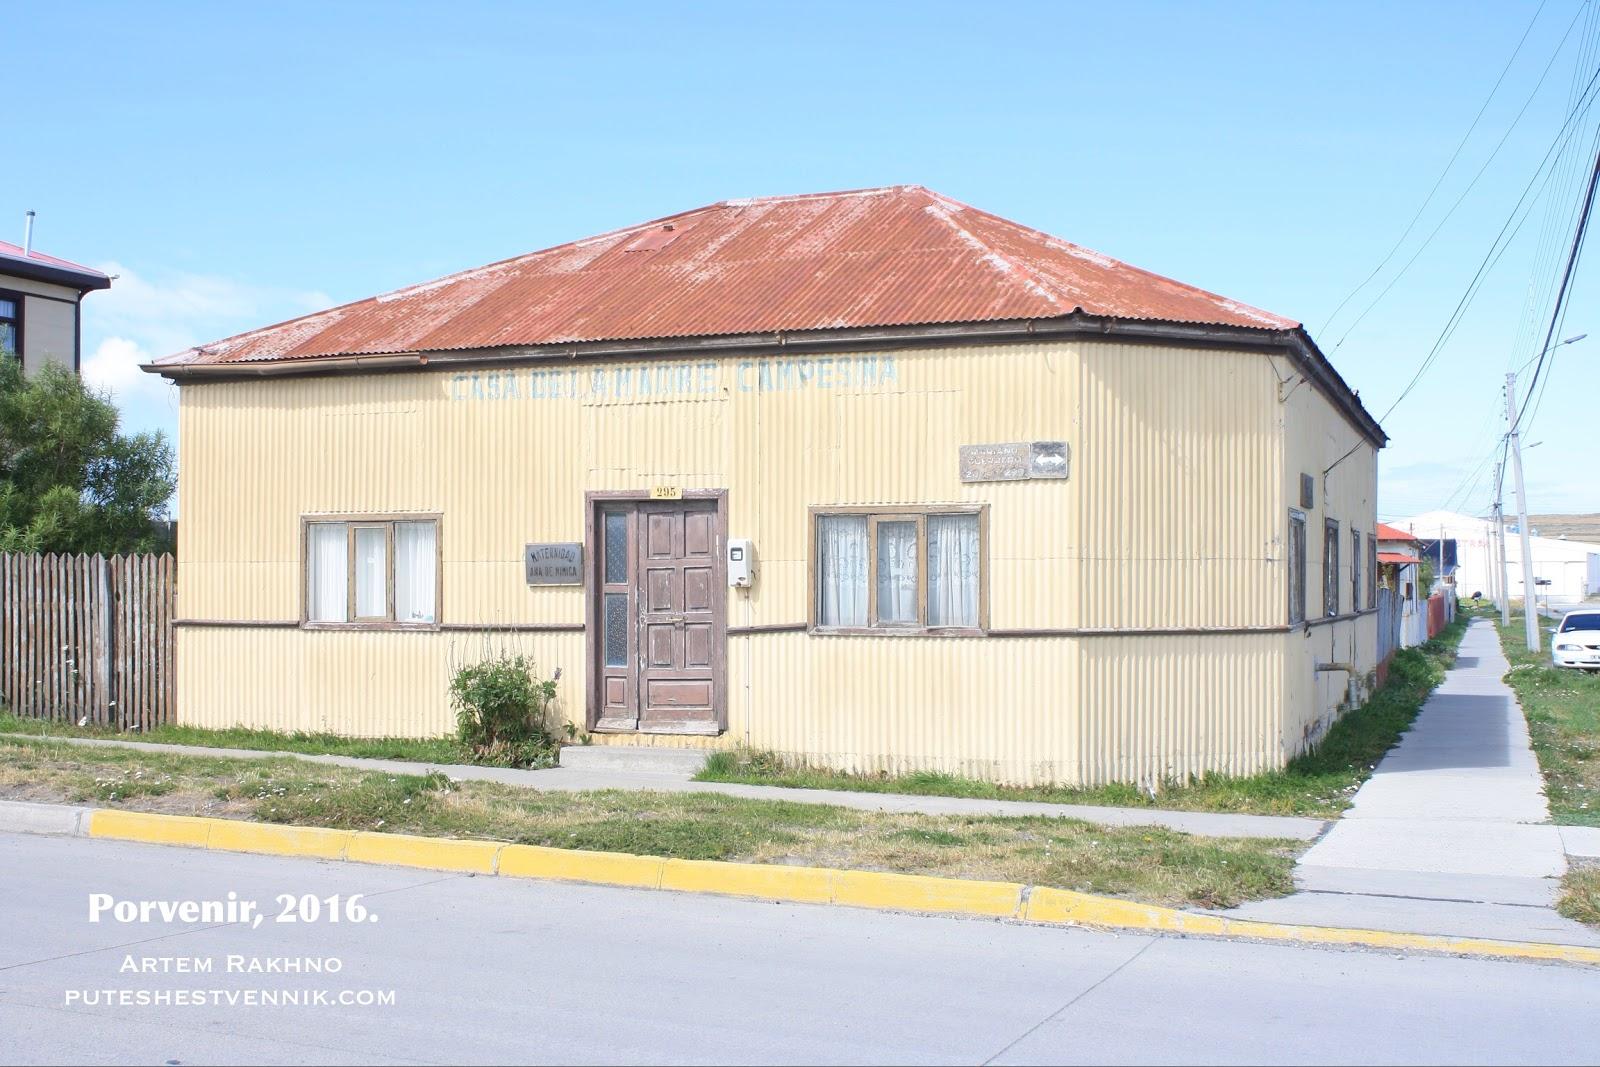 Одноэтажный дом в Порвенире